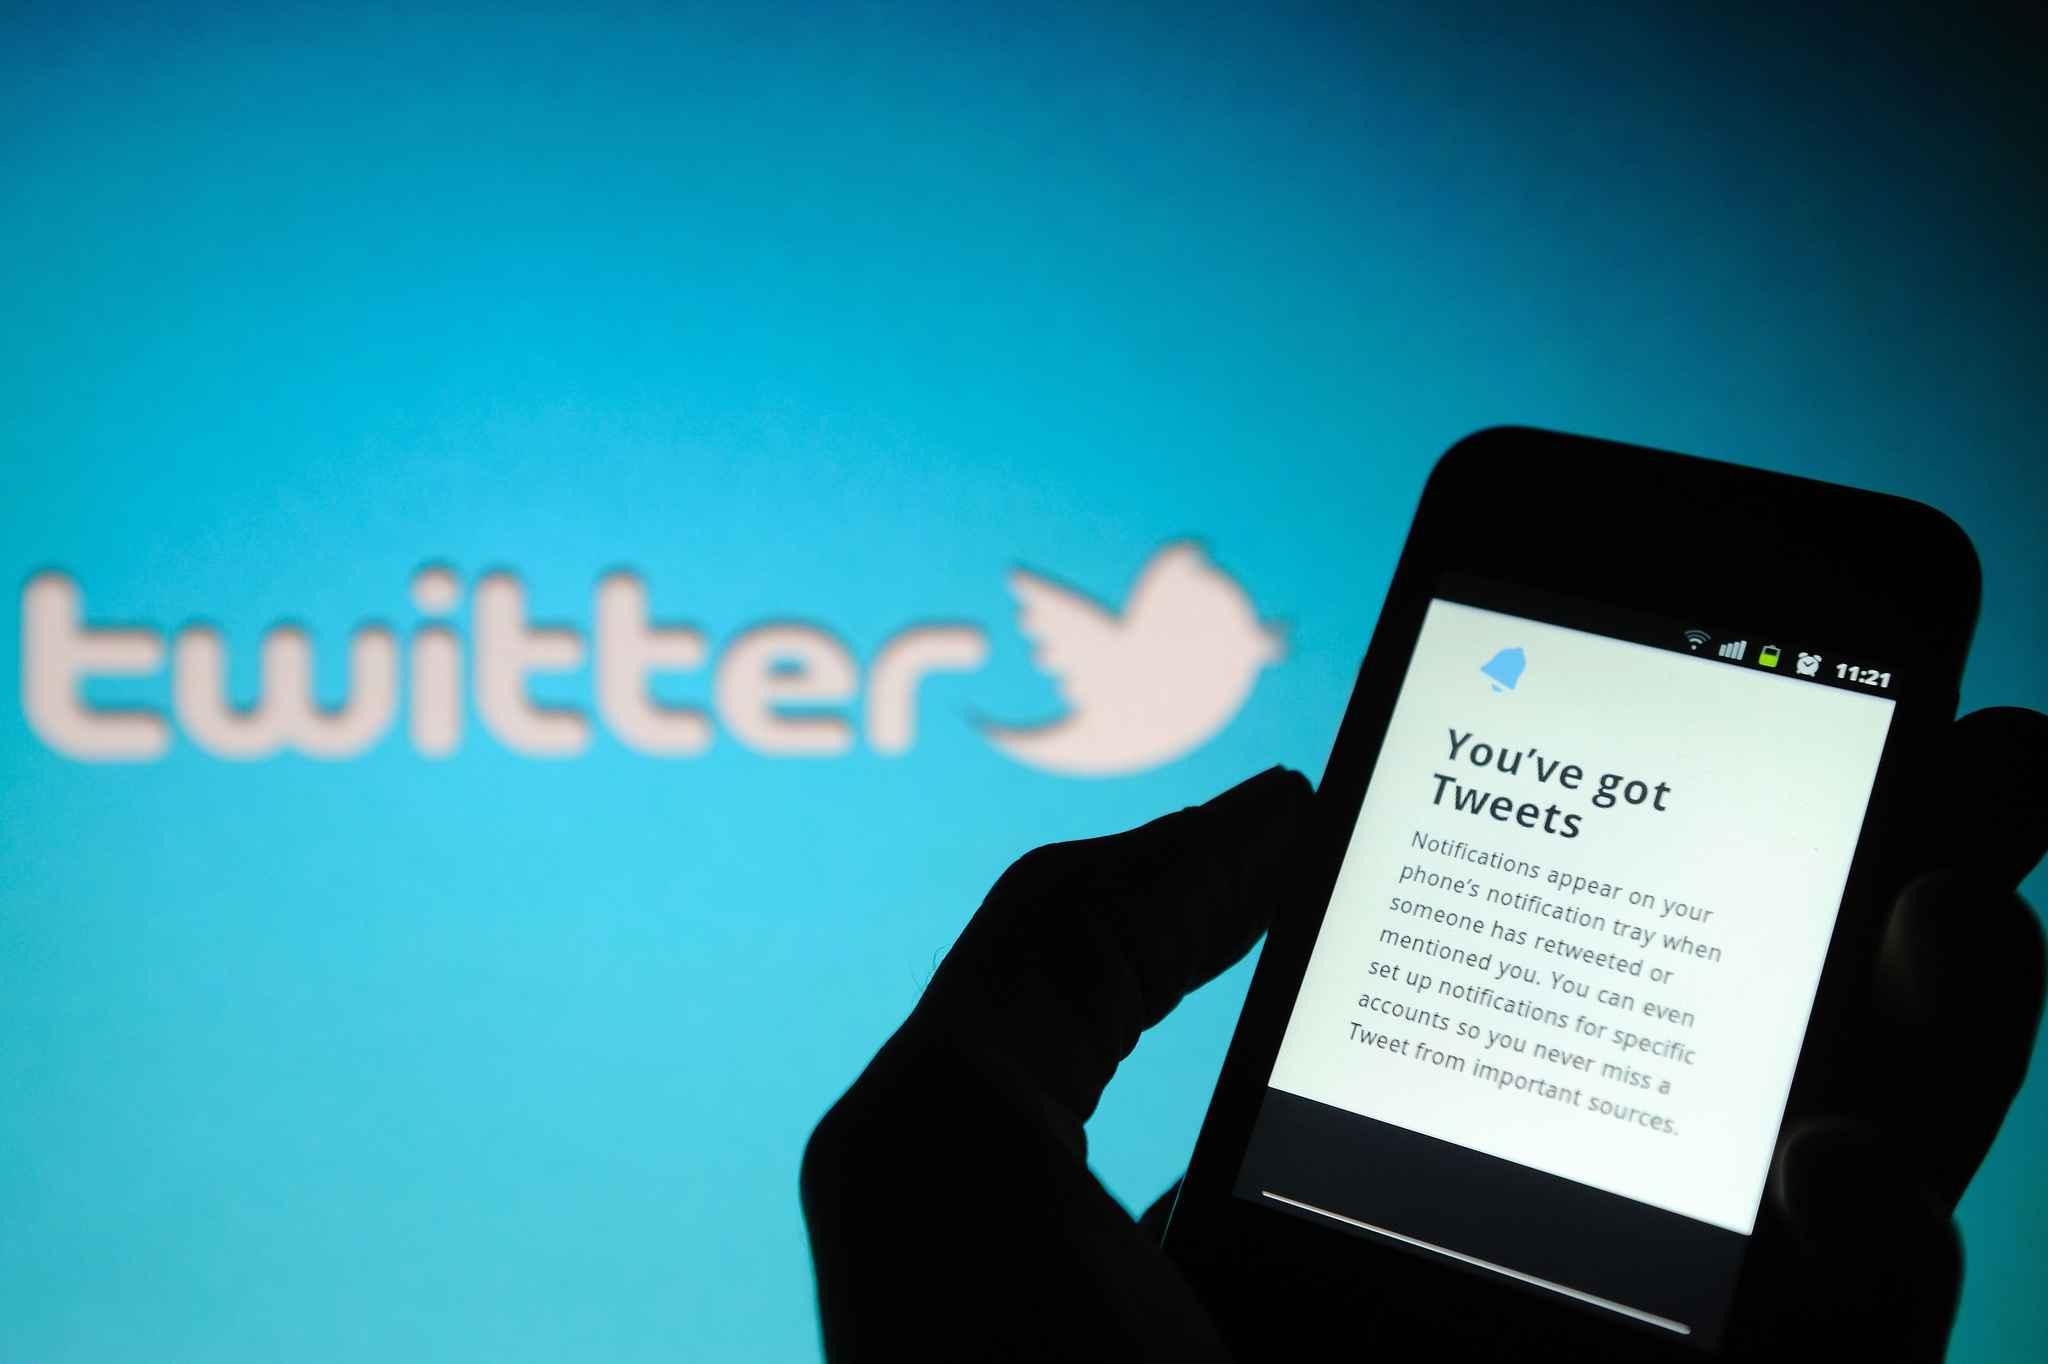 Acheter des followers : une première étape pour votre compte Twitter